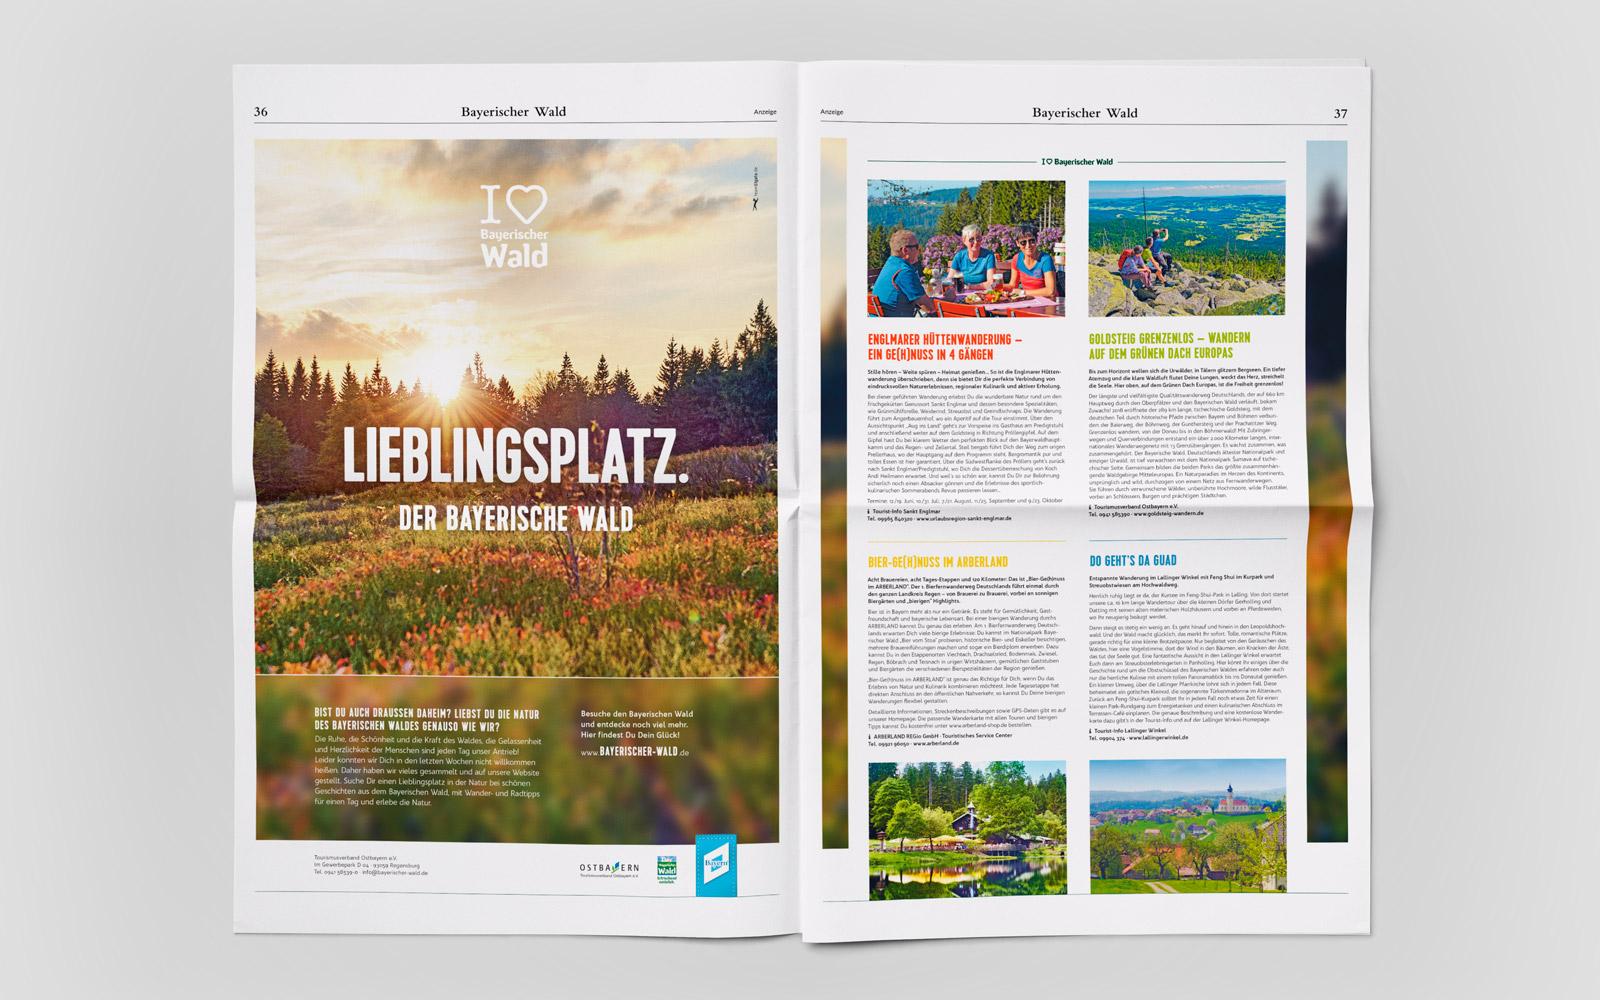 Imagekampagne »I love Bayerische Wald« – Zweiseitige Zeitungsanzeige »Lieblingsplatz«